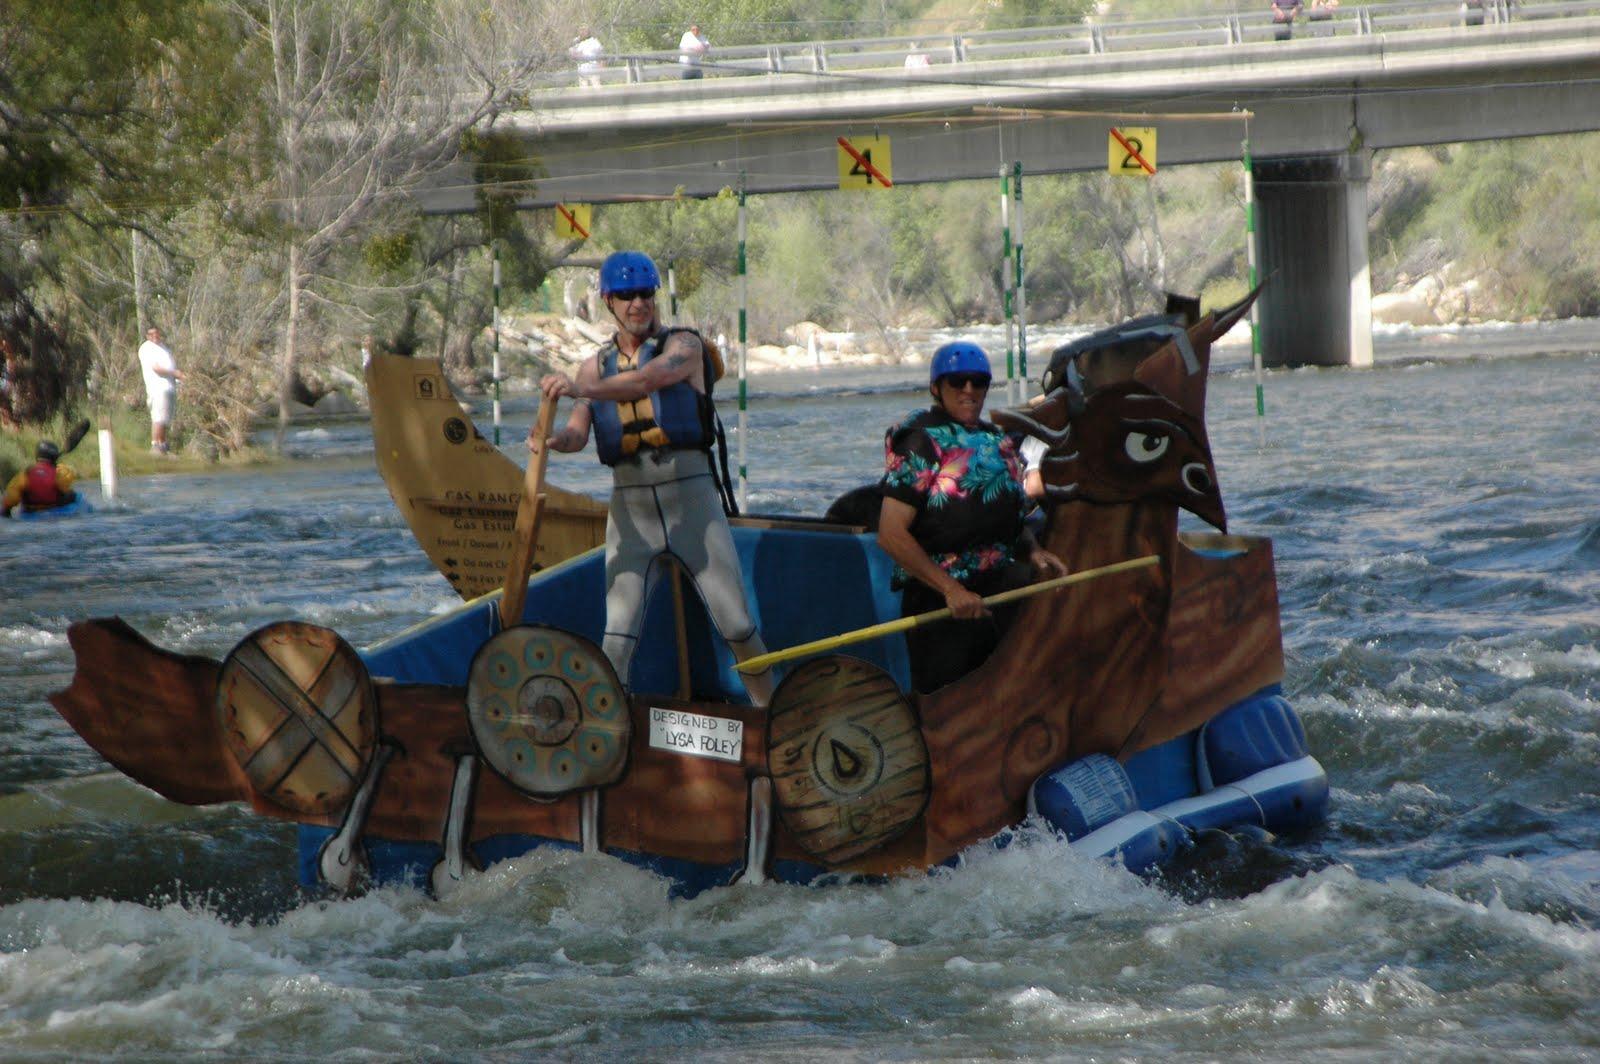 Kern whitewater | Rafting, Kayaking & Recreation on the Kern